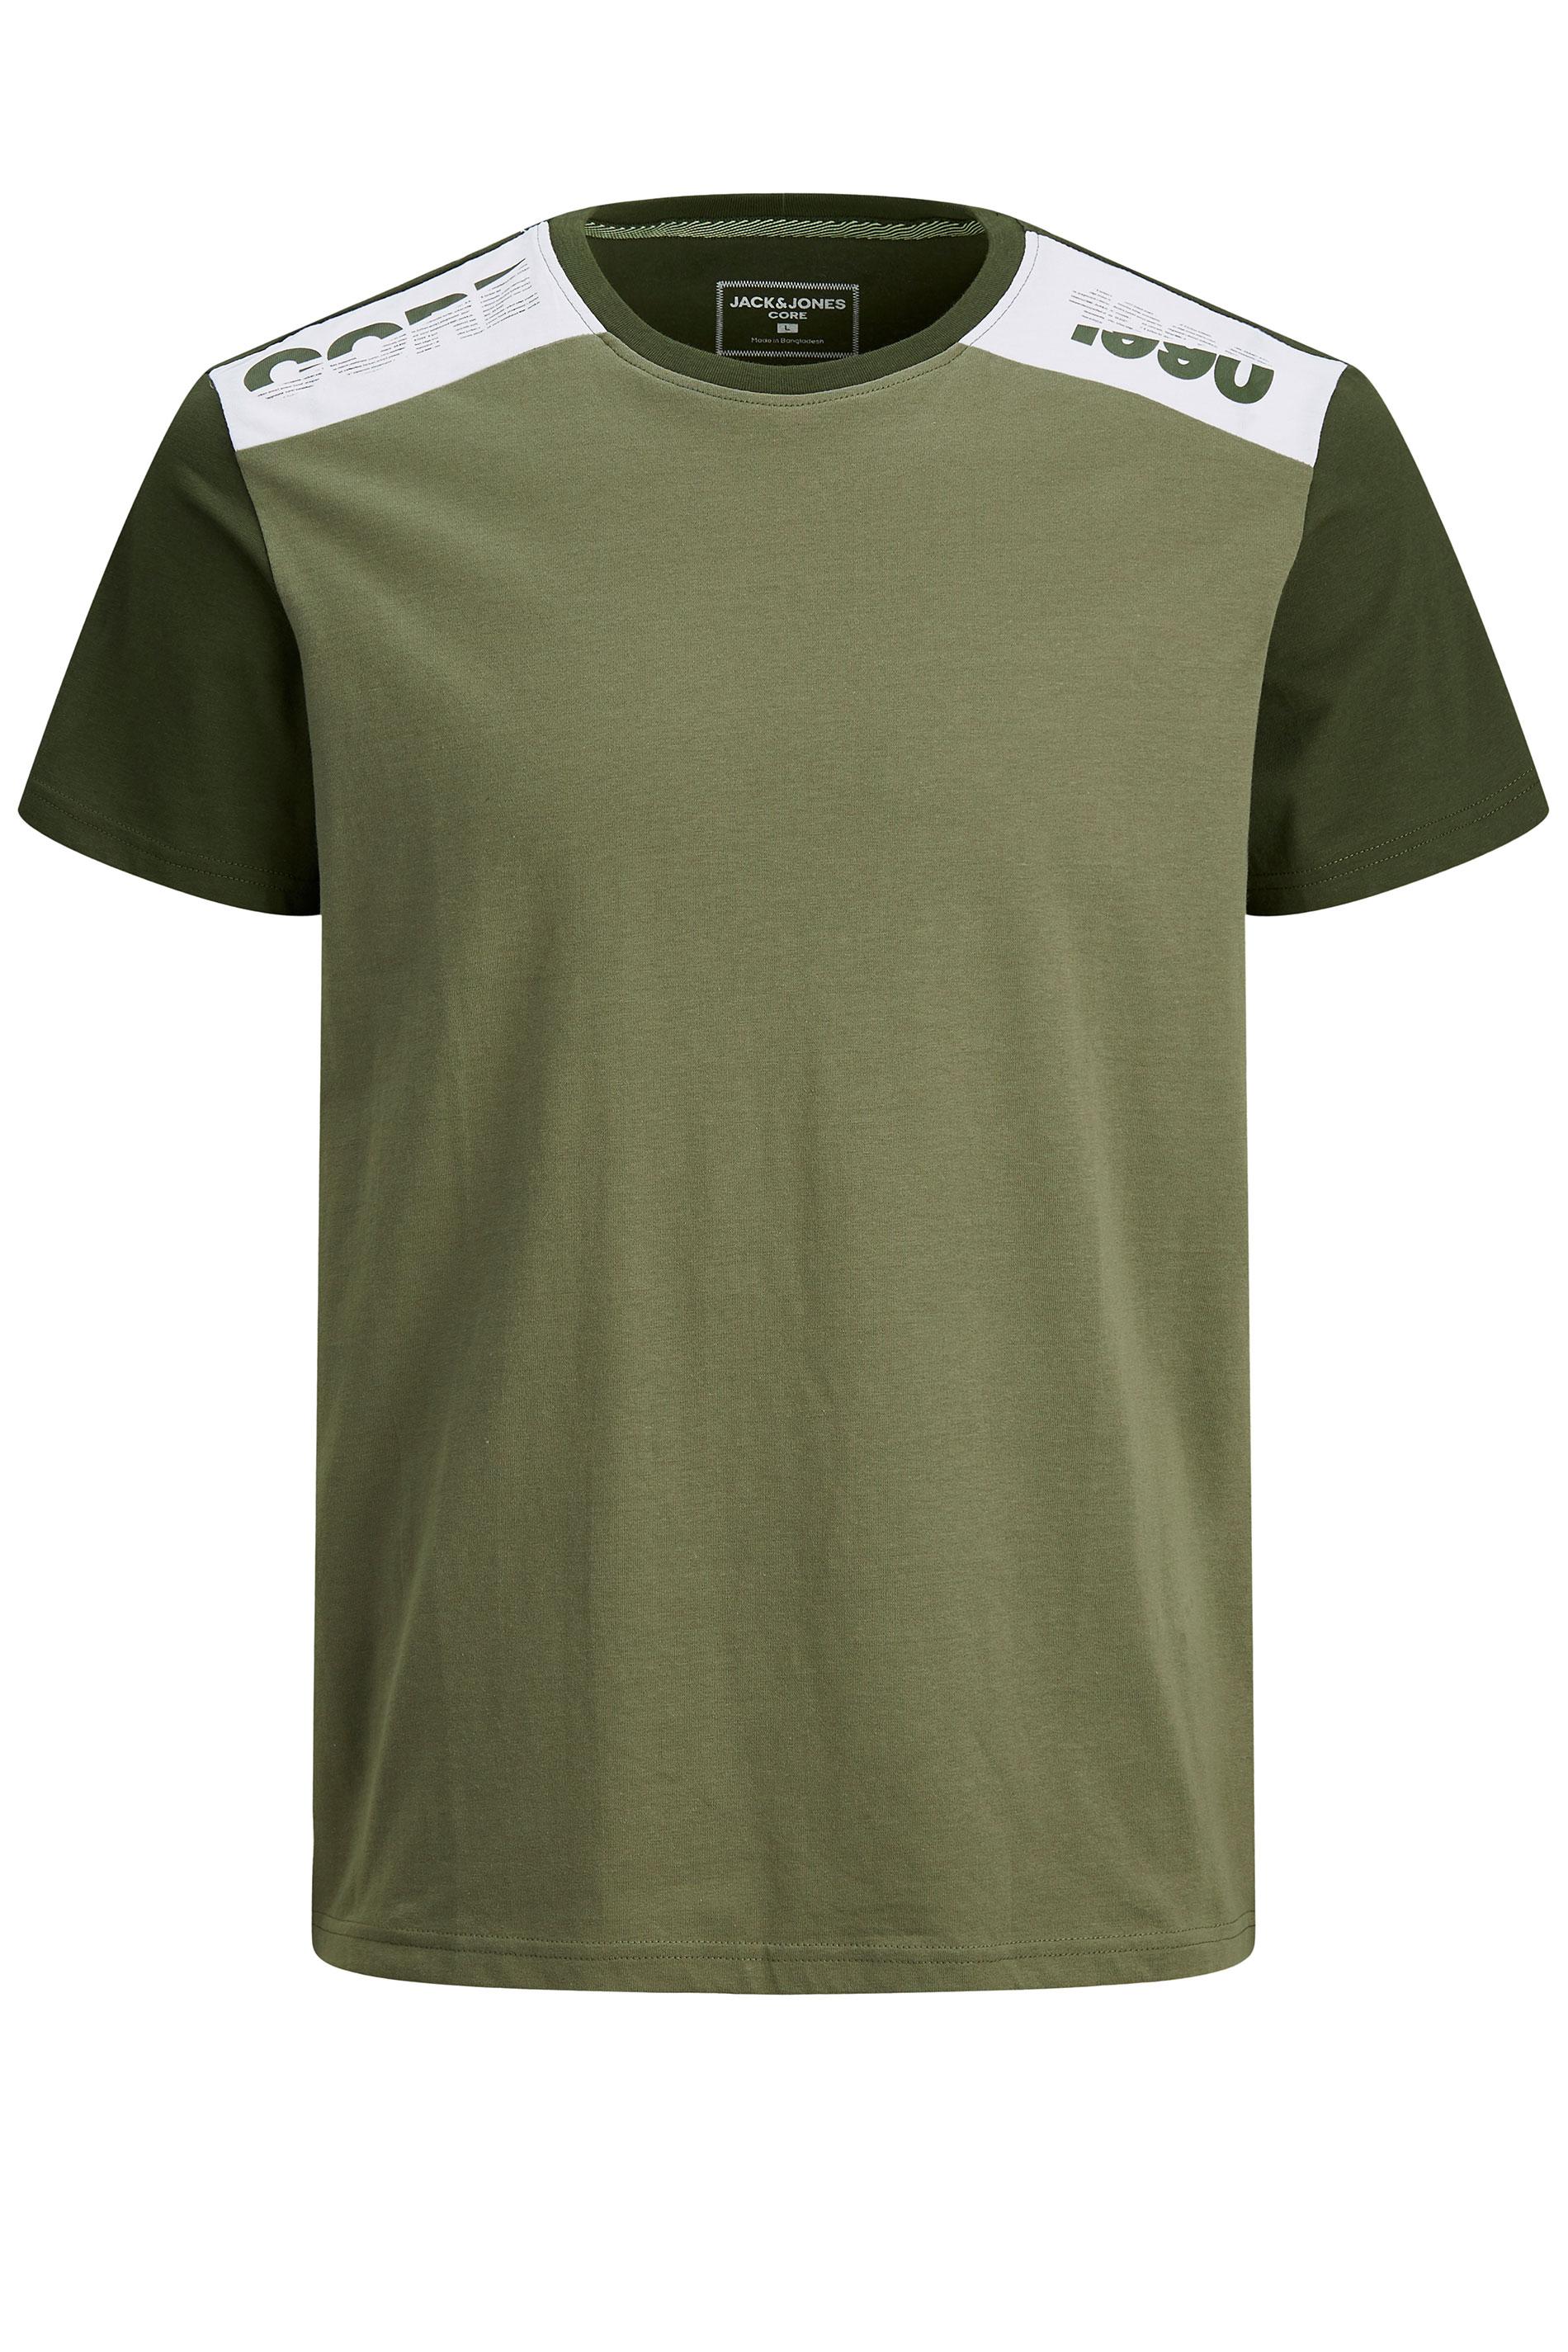 JACK & JONES Khaki Amin Crew Neck T-Shirt